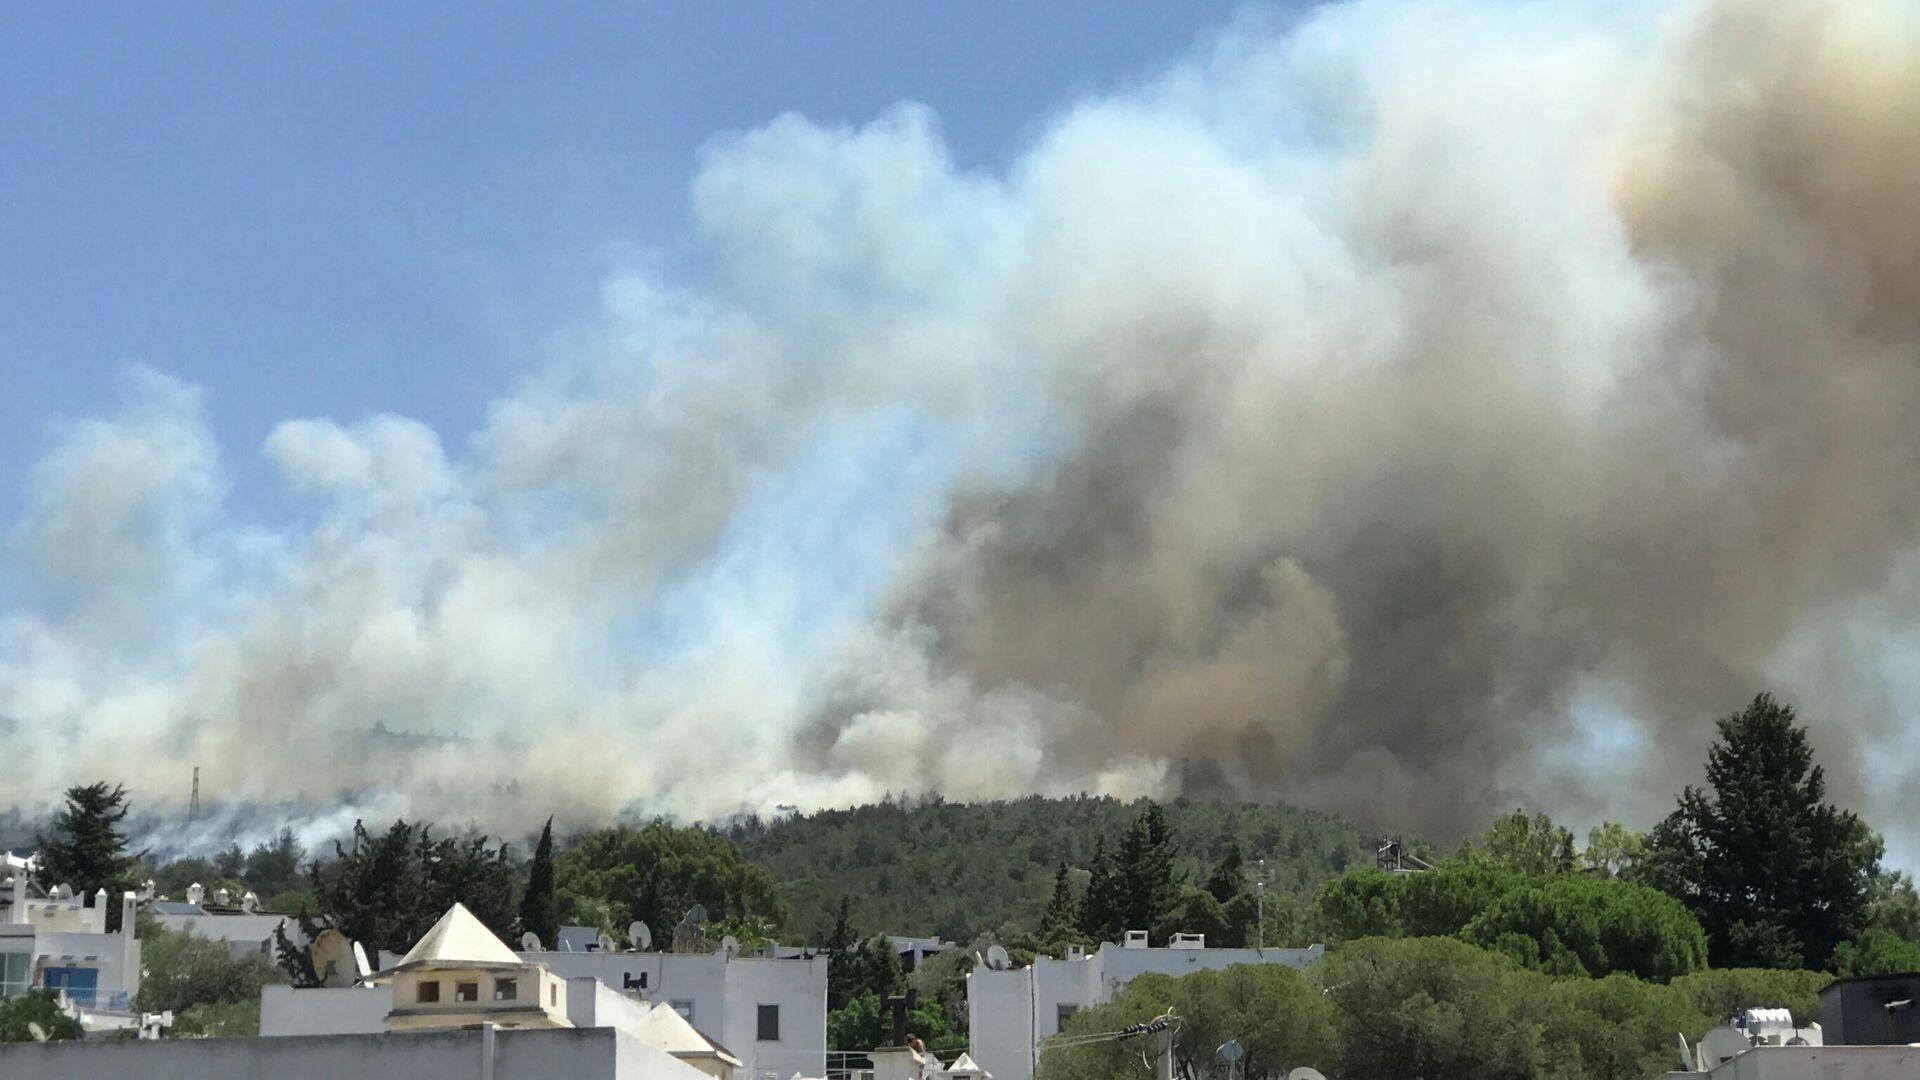 Дым от лесного пожара поднимается возле жилого района на курорте Бодрум, Турция - РИА Новости, 1920, 31.07.2021